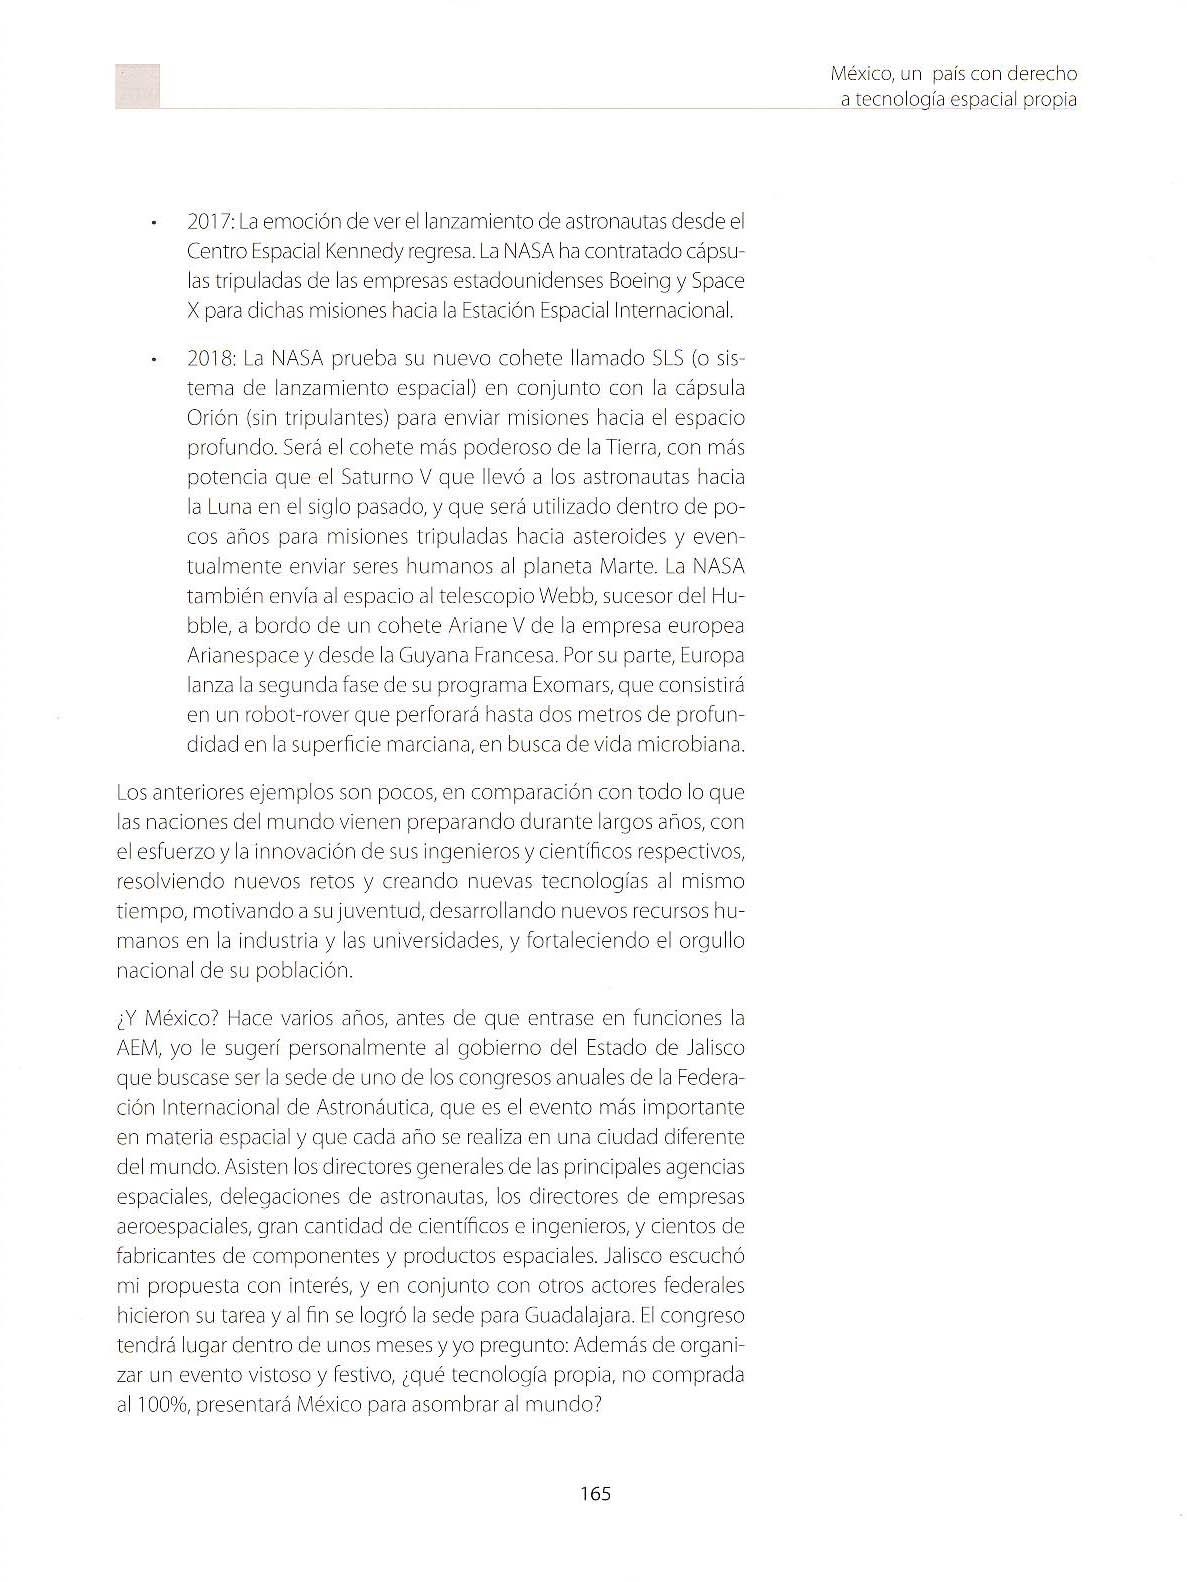 México, un país con derecho a tecnología propia 165